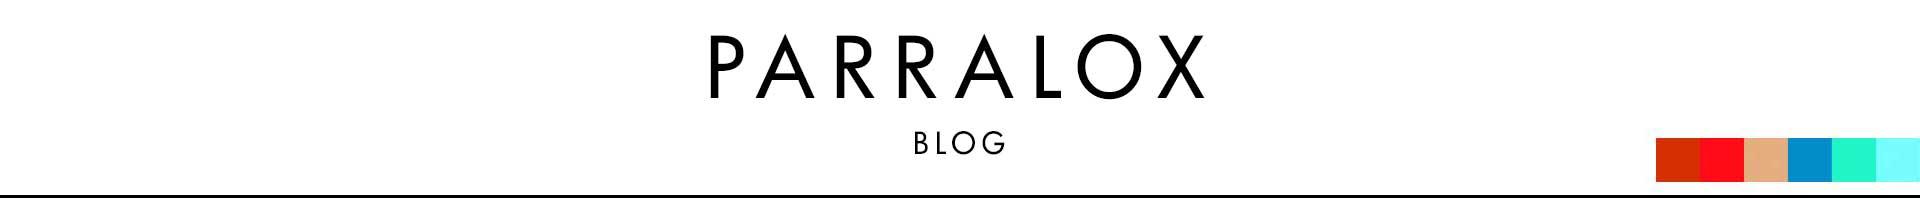 Parralox - Blog